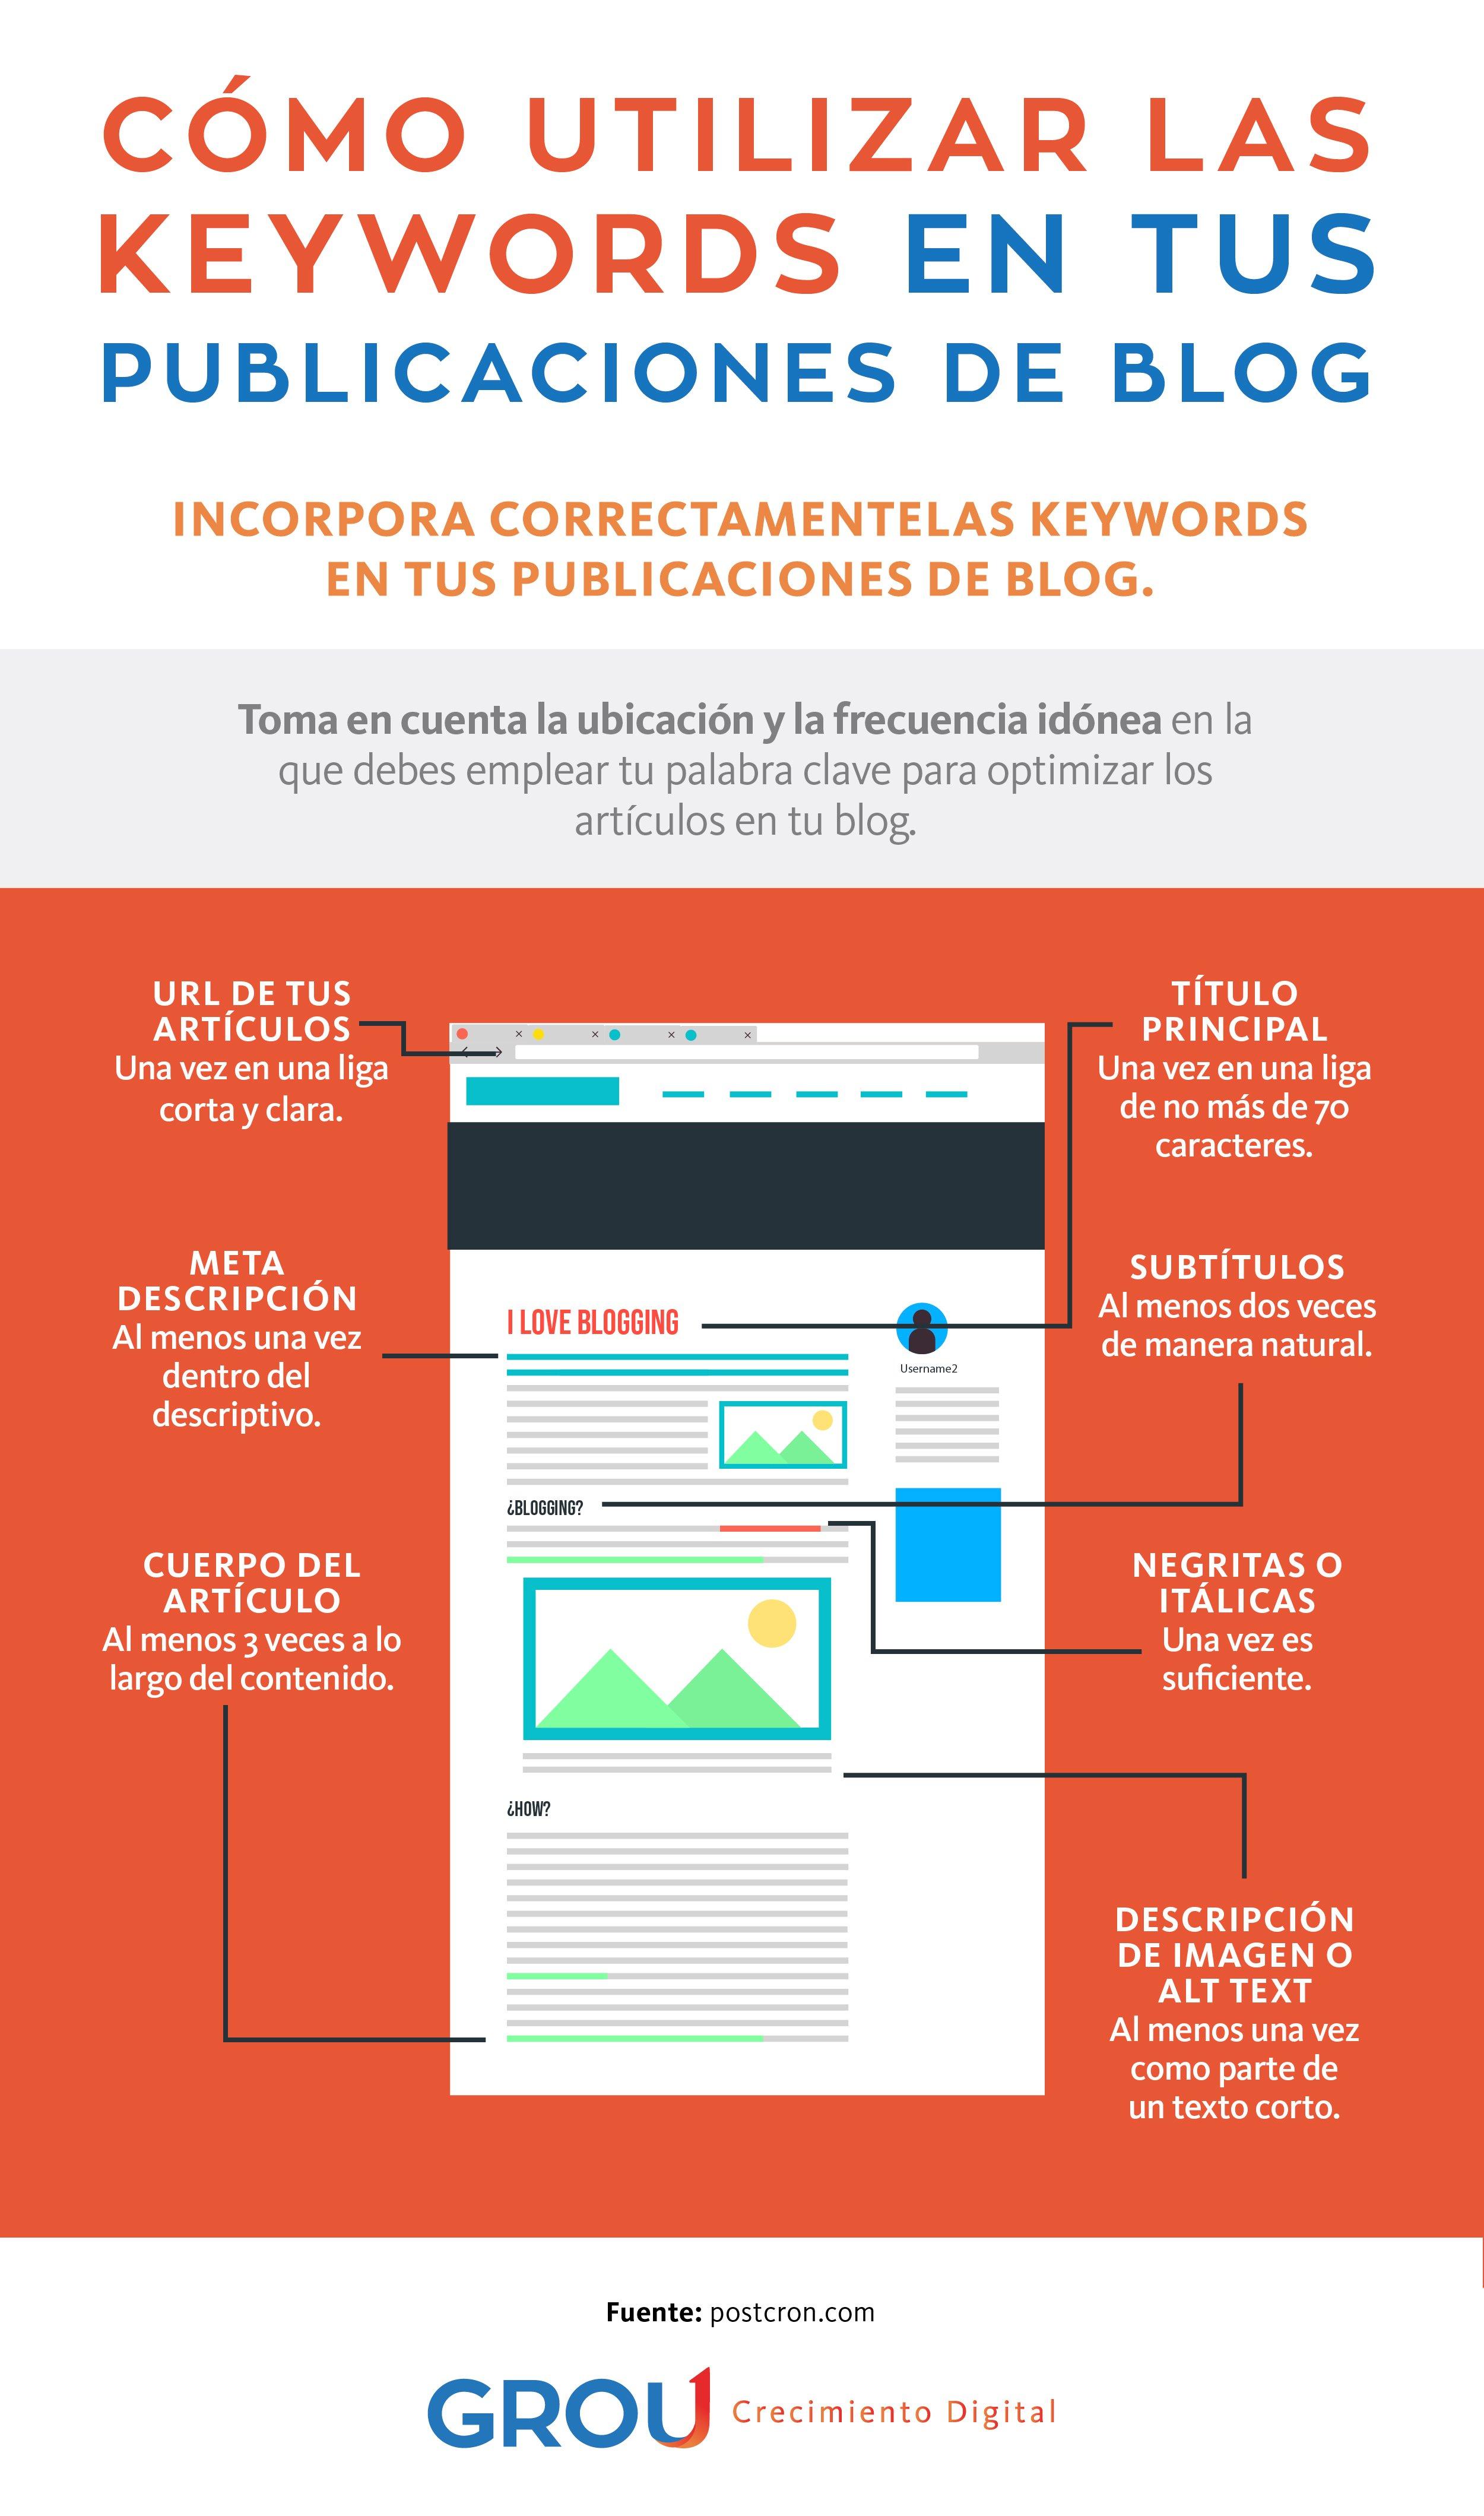 GROU - Infografía Blog no 5 Cómo utilizar las keywords en tus publicaciones de blog